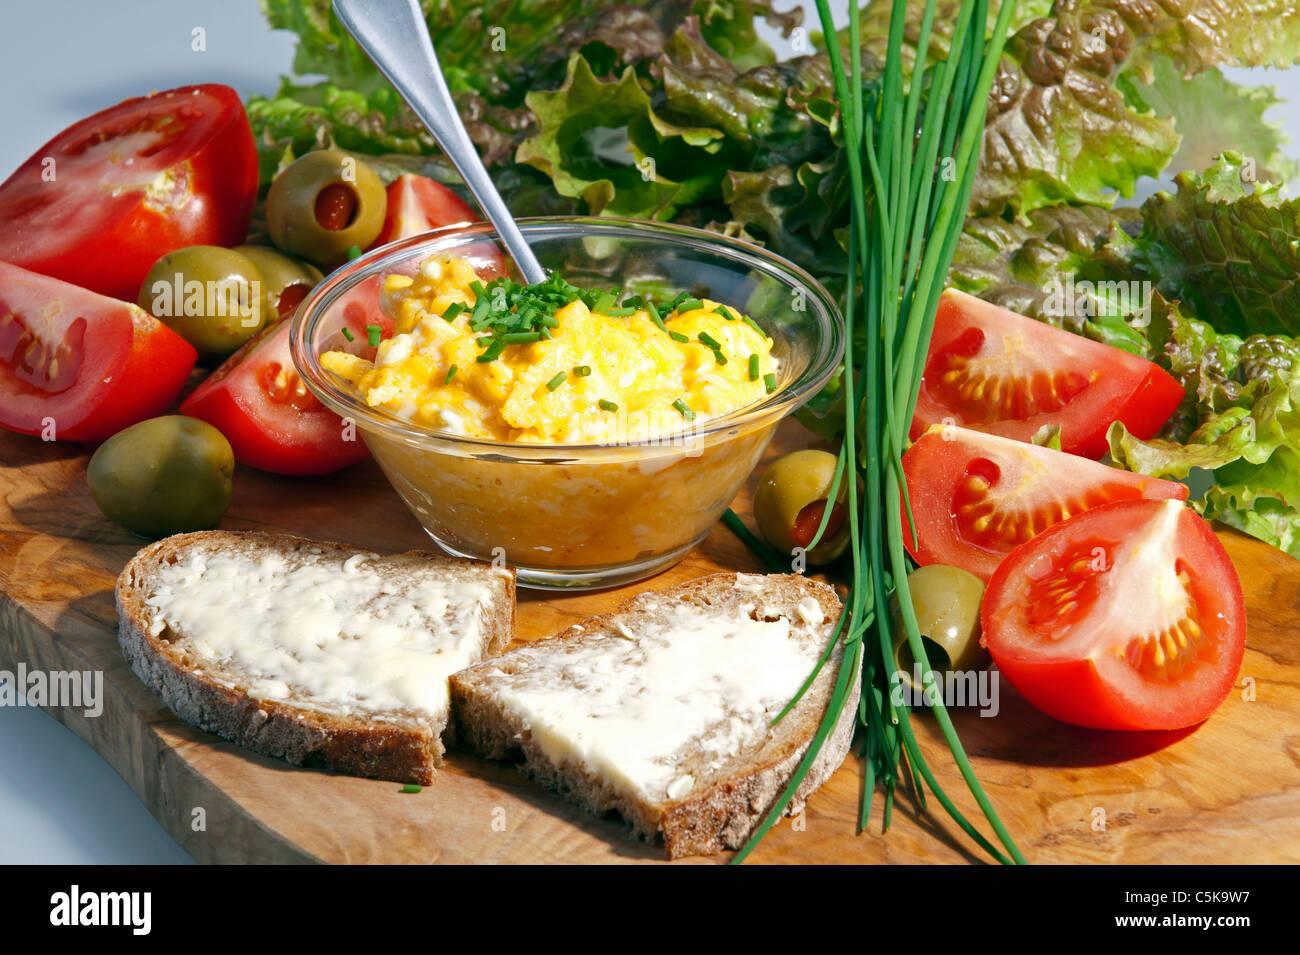 Placa de desayuno con huevos y tomates Imagen De Stock